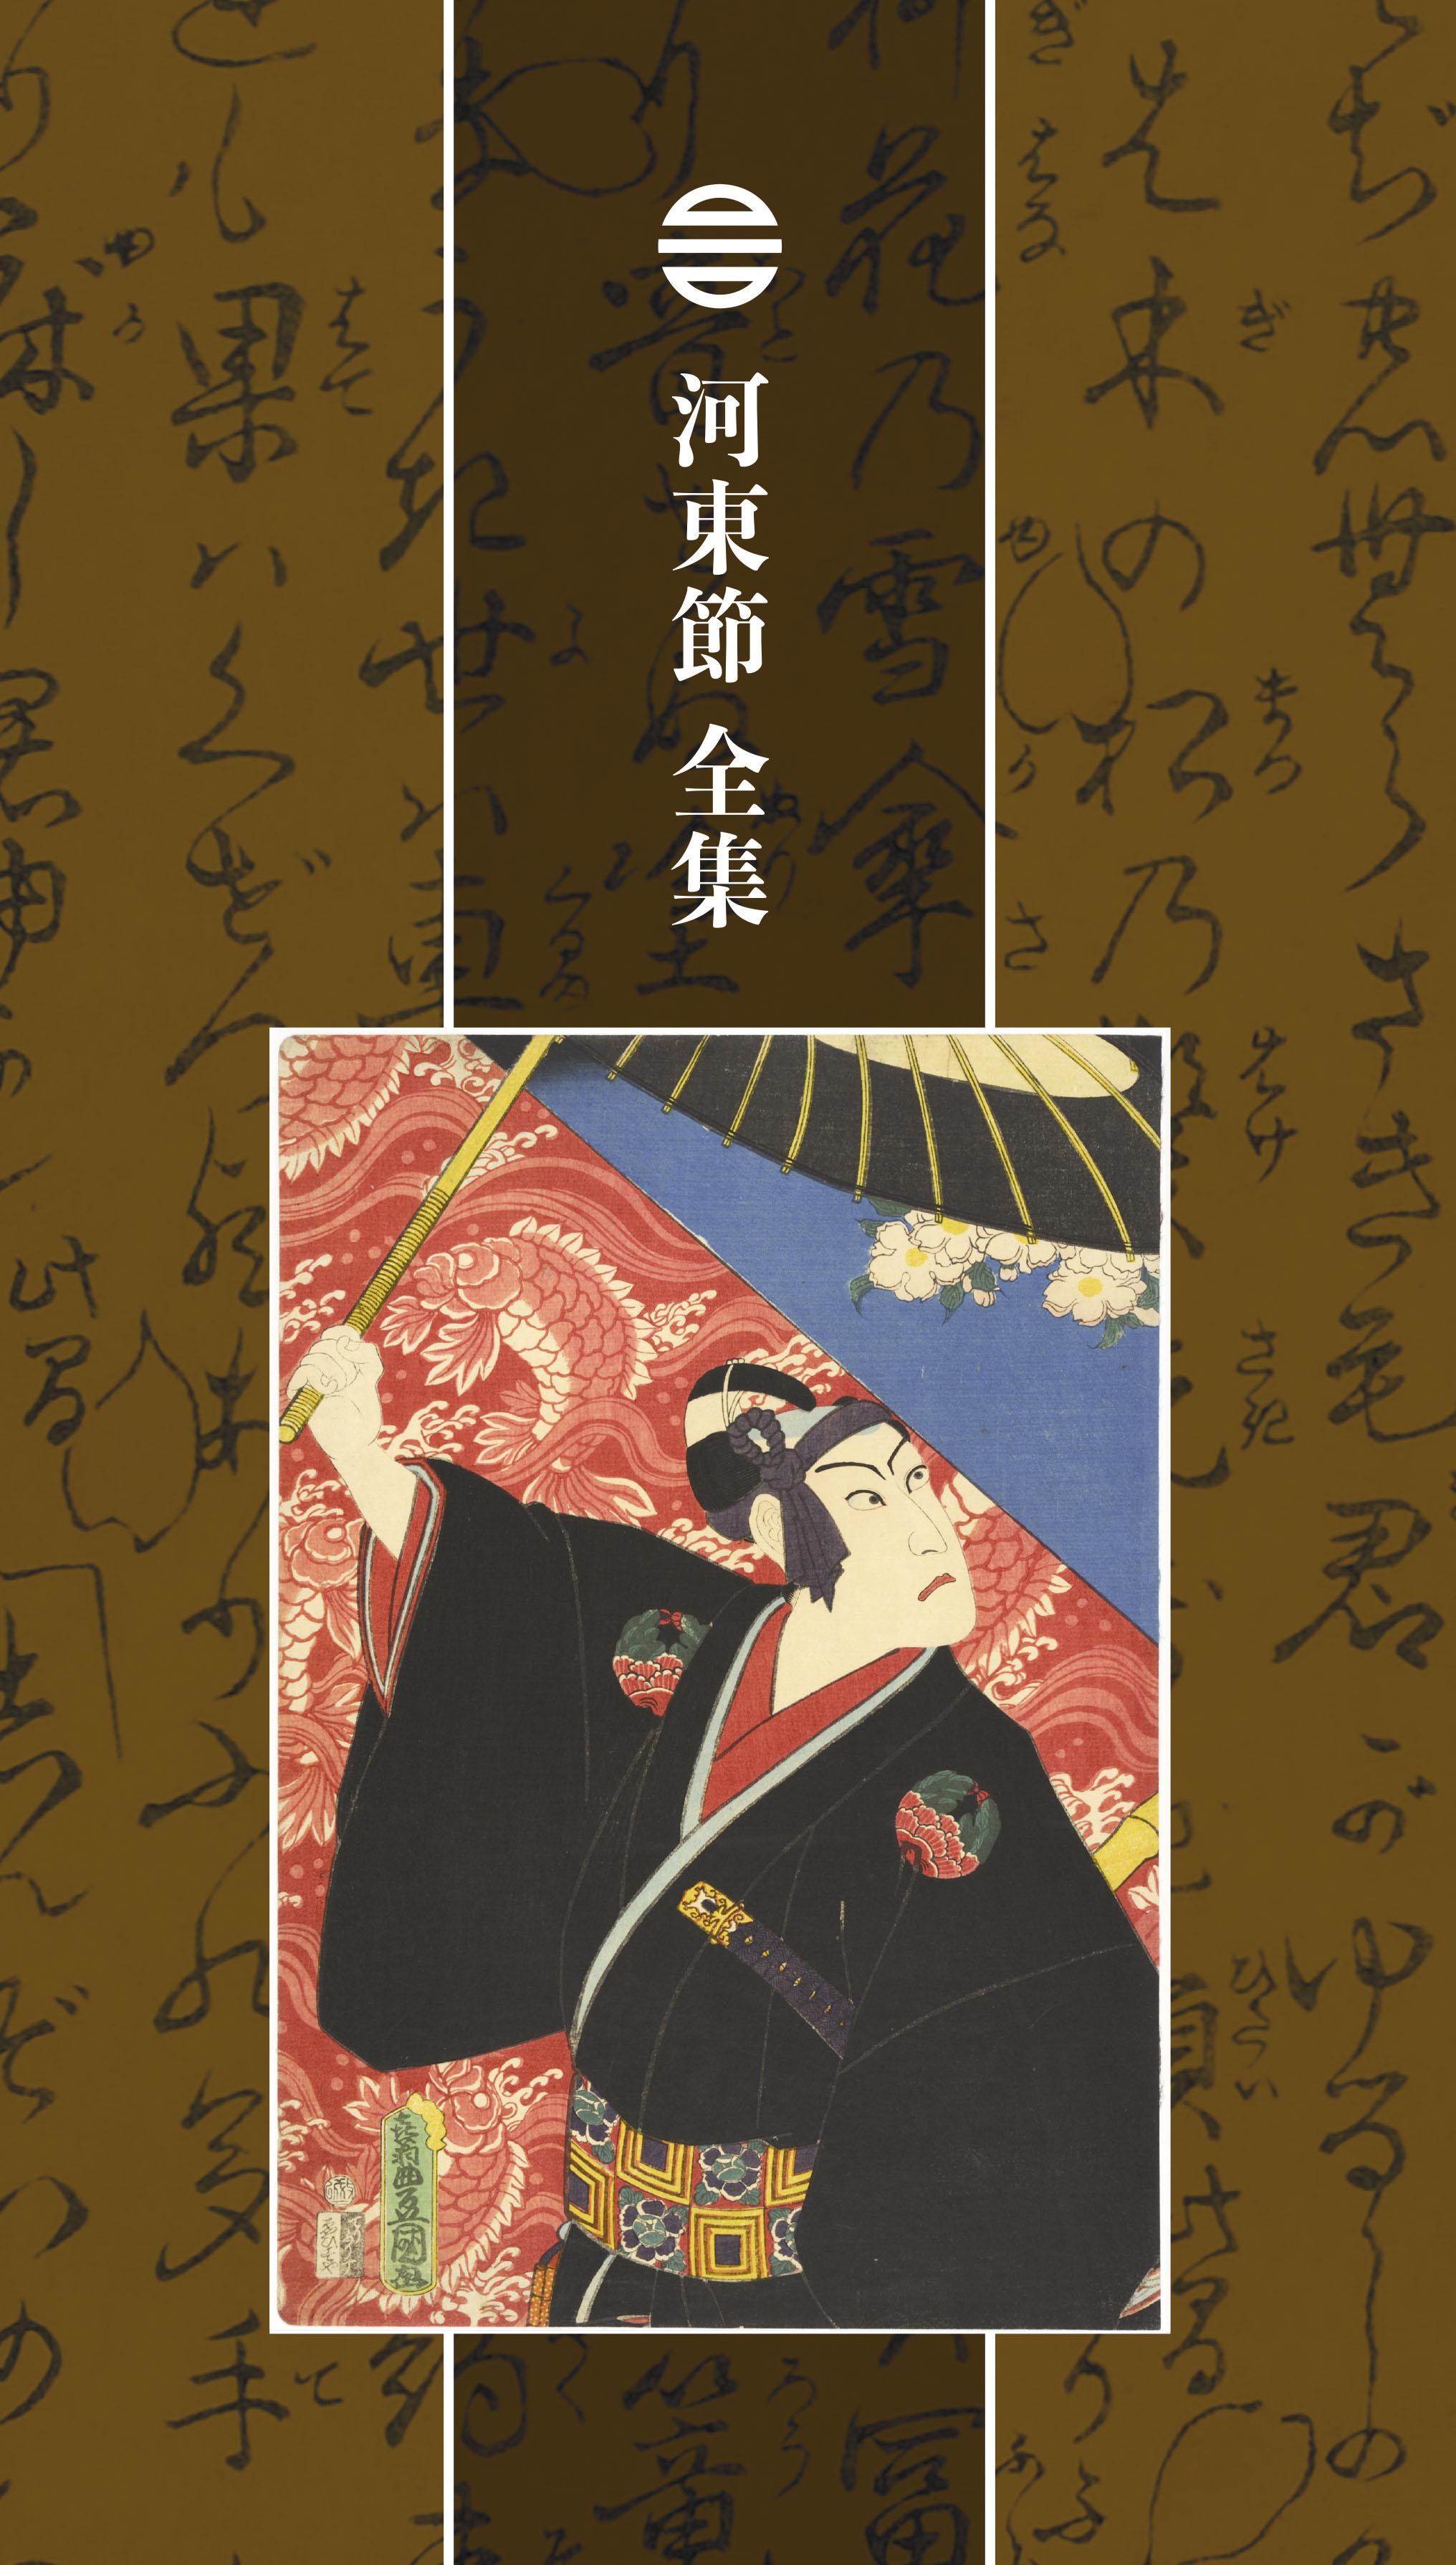 河東節 全集[1585]